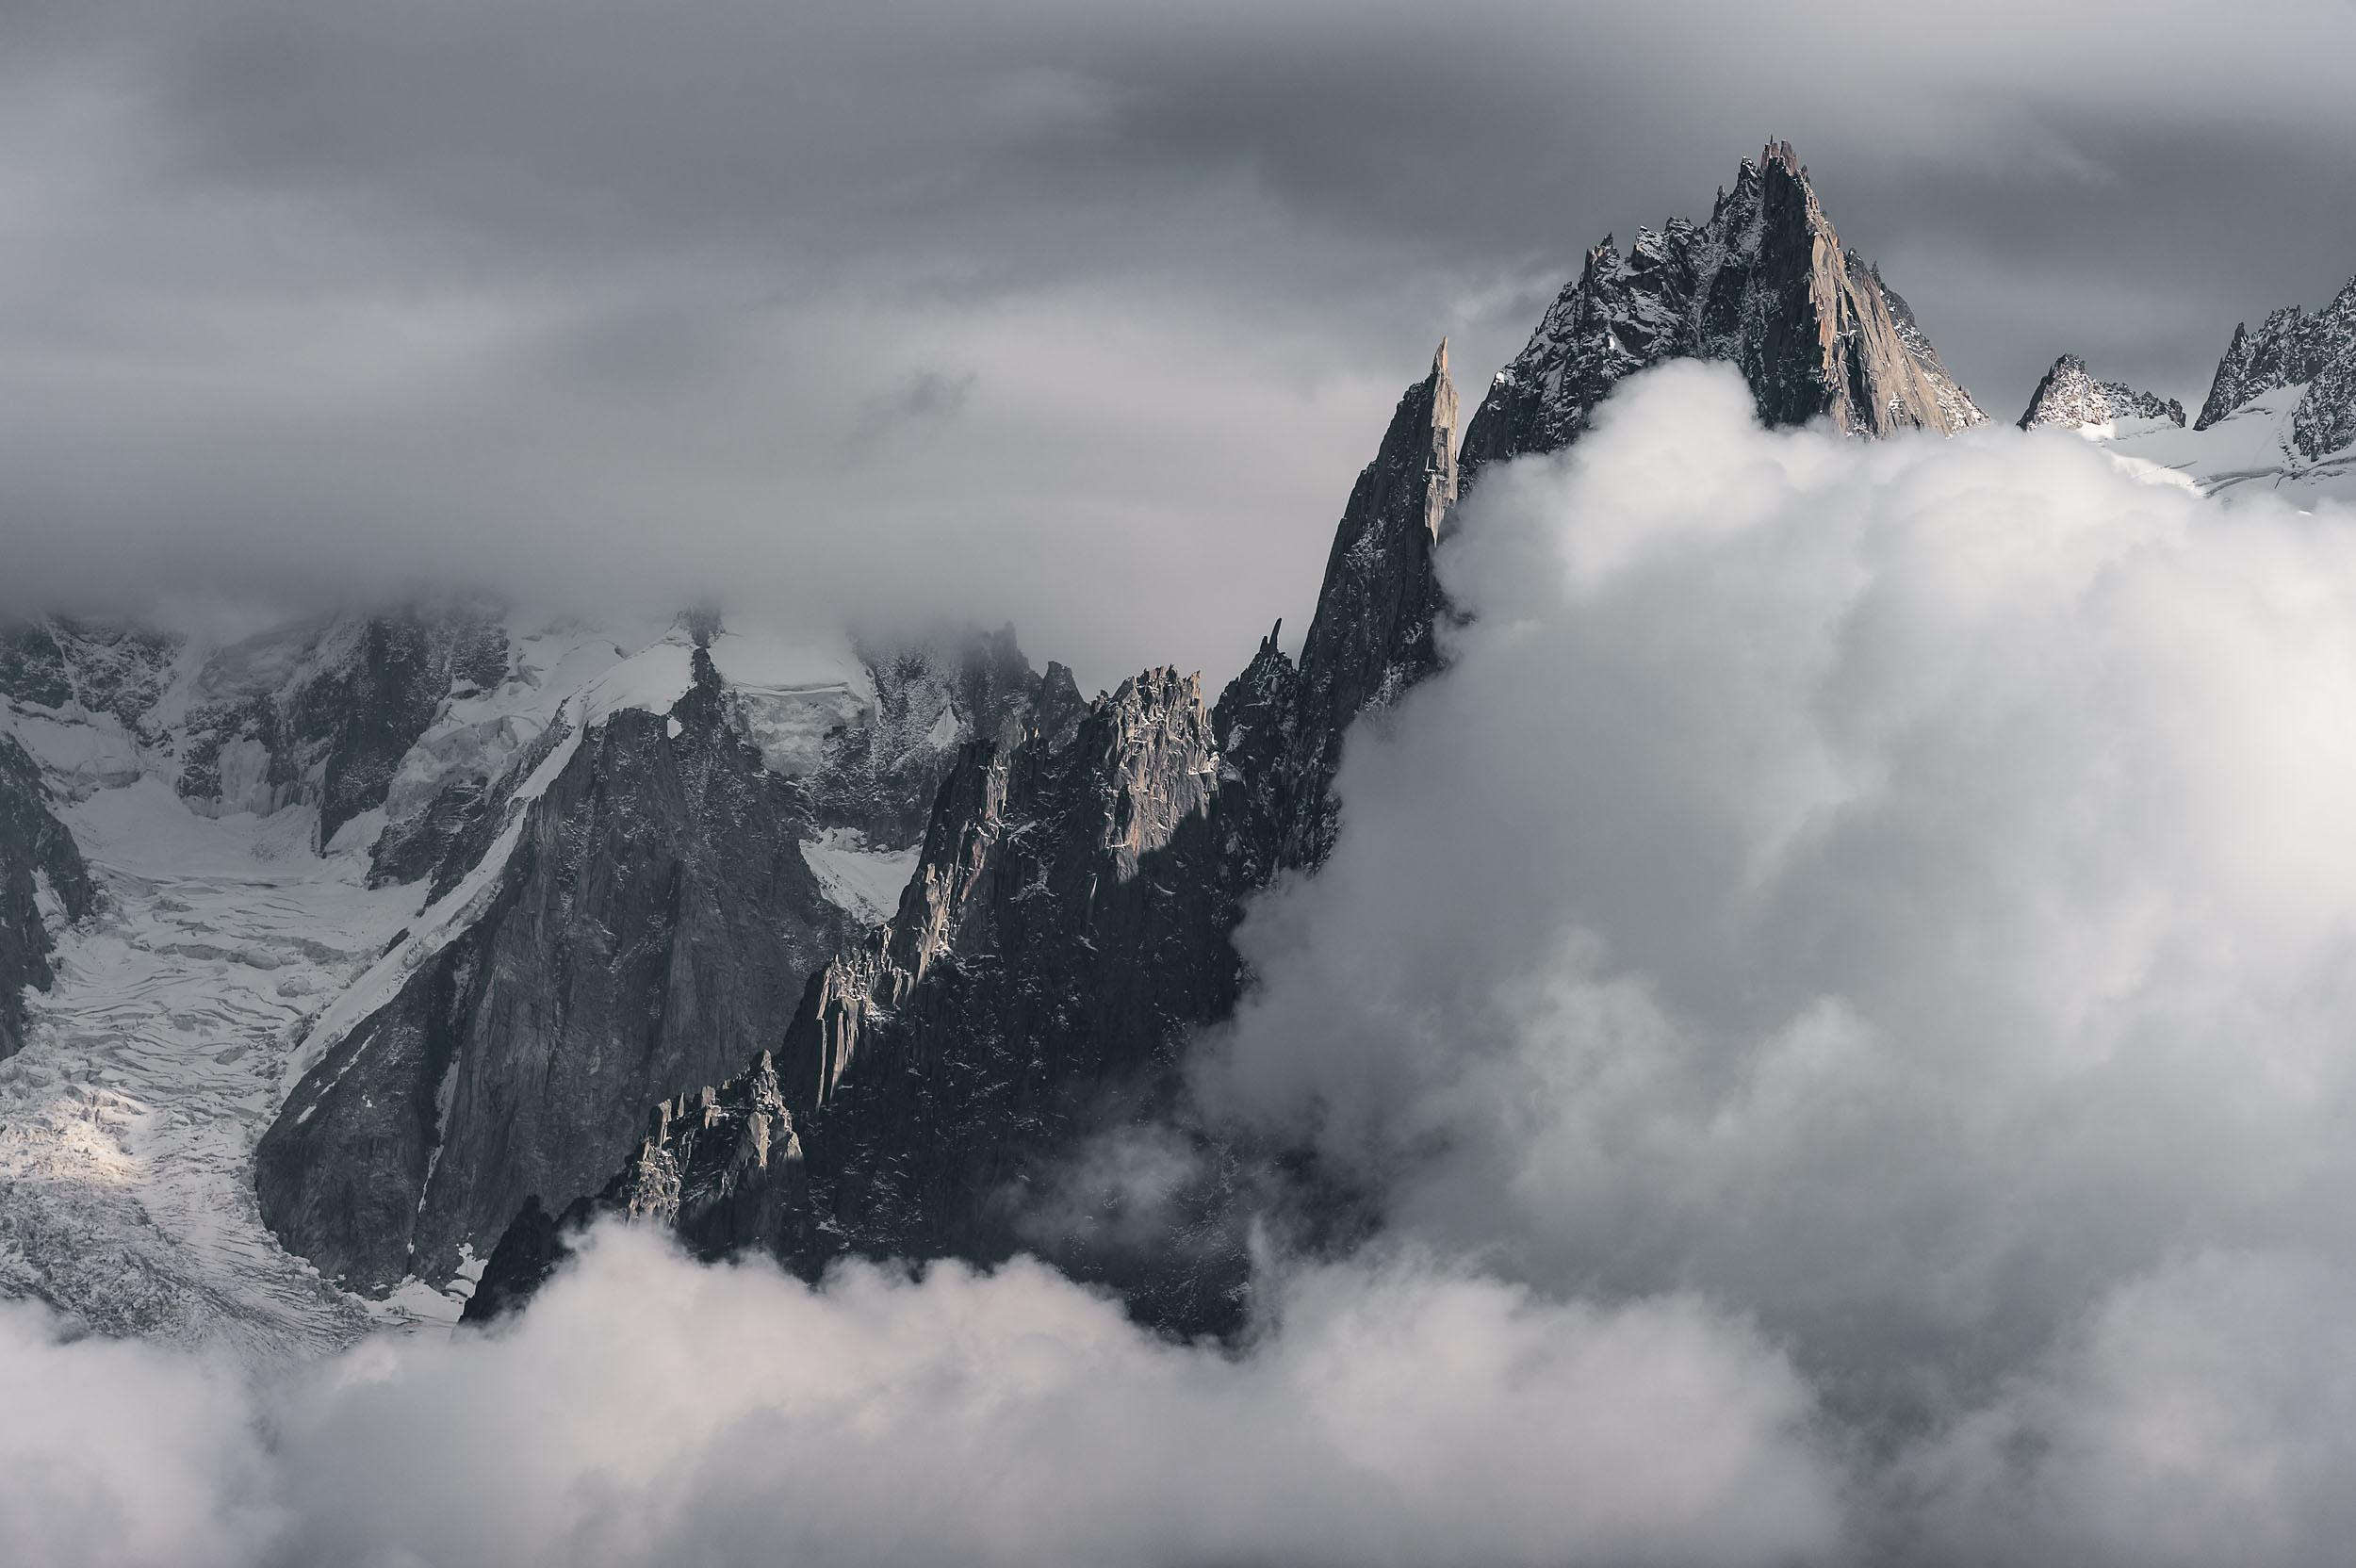 Dent du Géant glacier, Aiguille de la République and Aiguille des Grands Charmoz above Chamonix, France